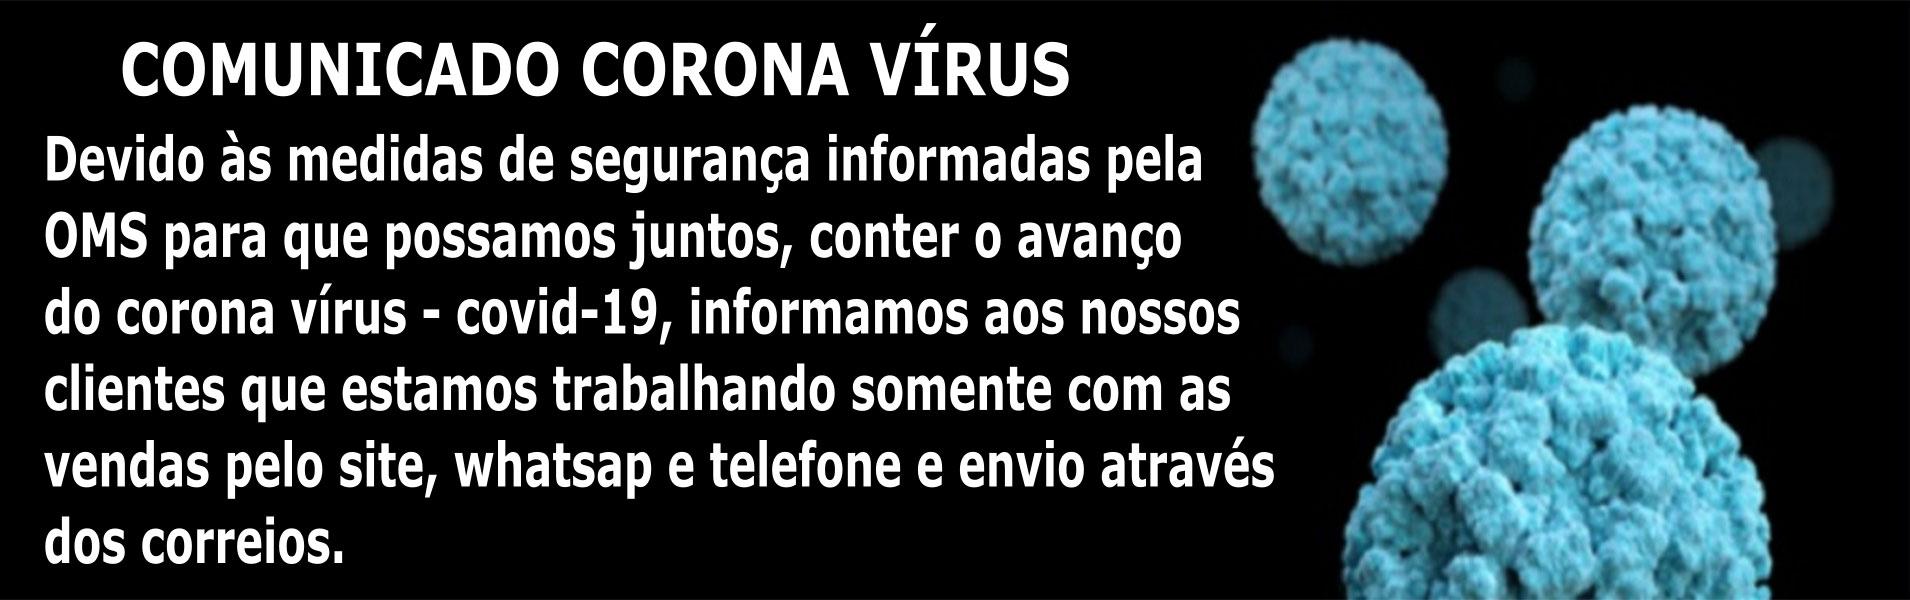 Comunicado Corona Virus